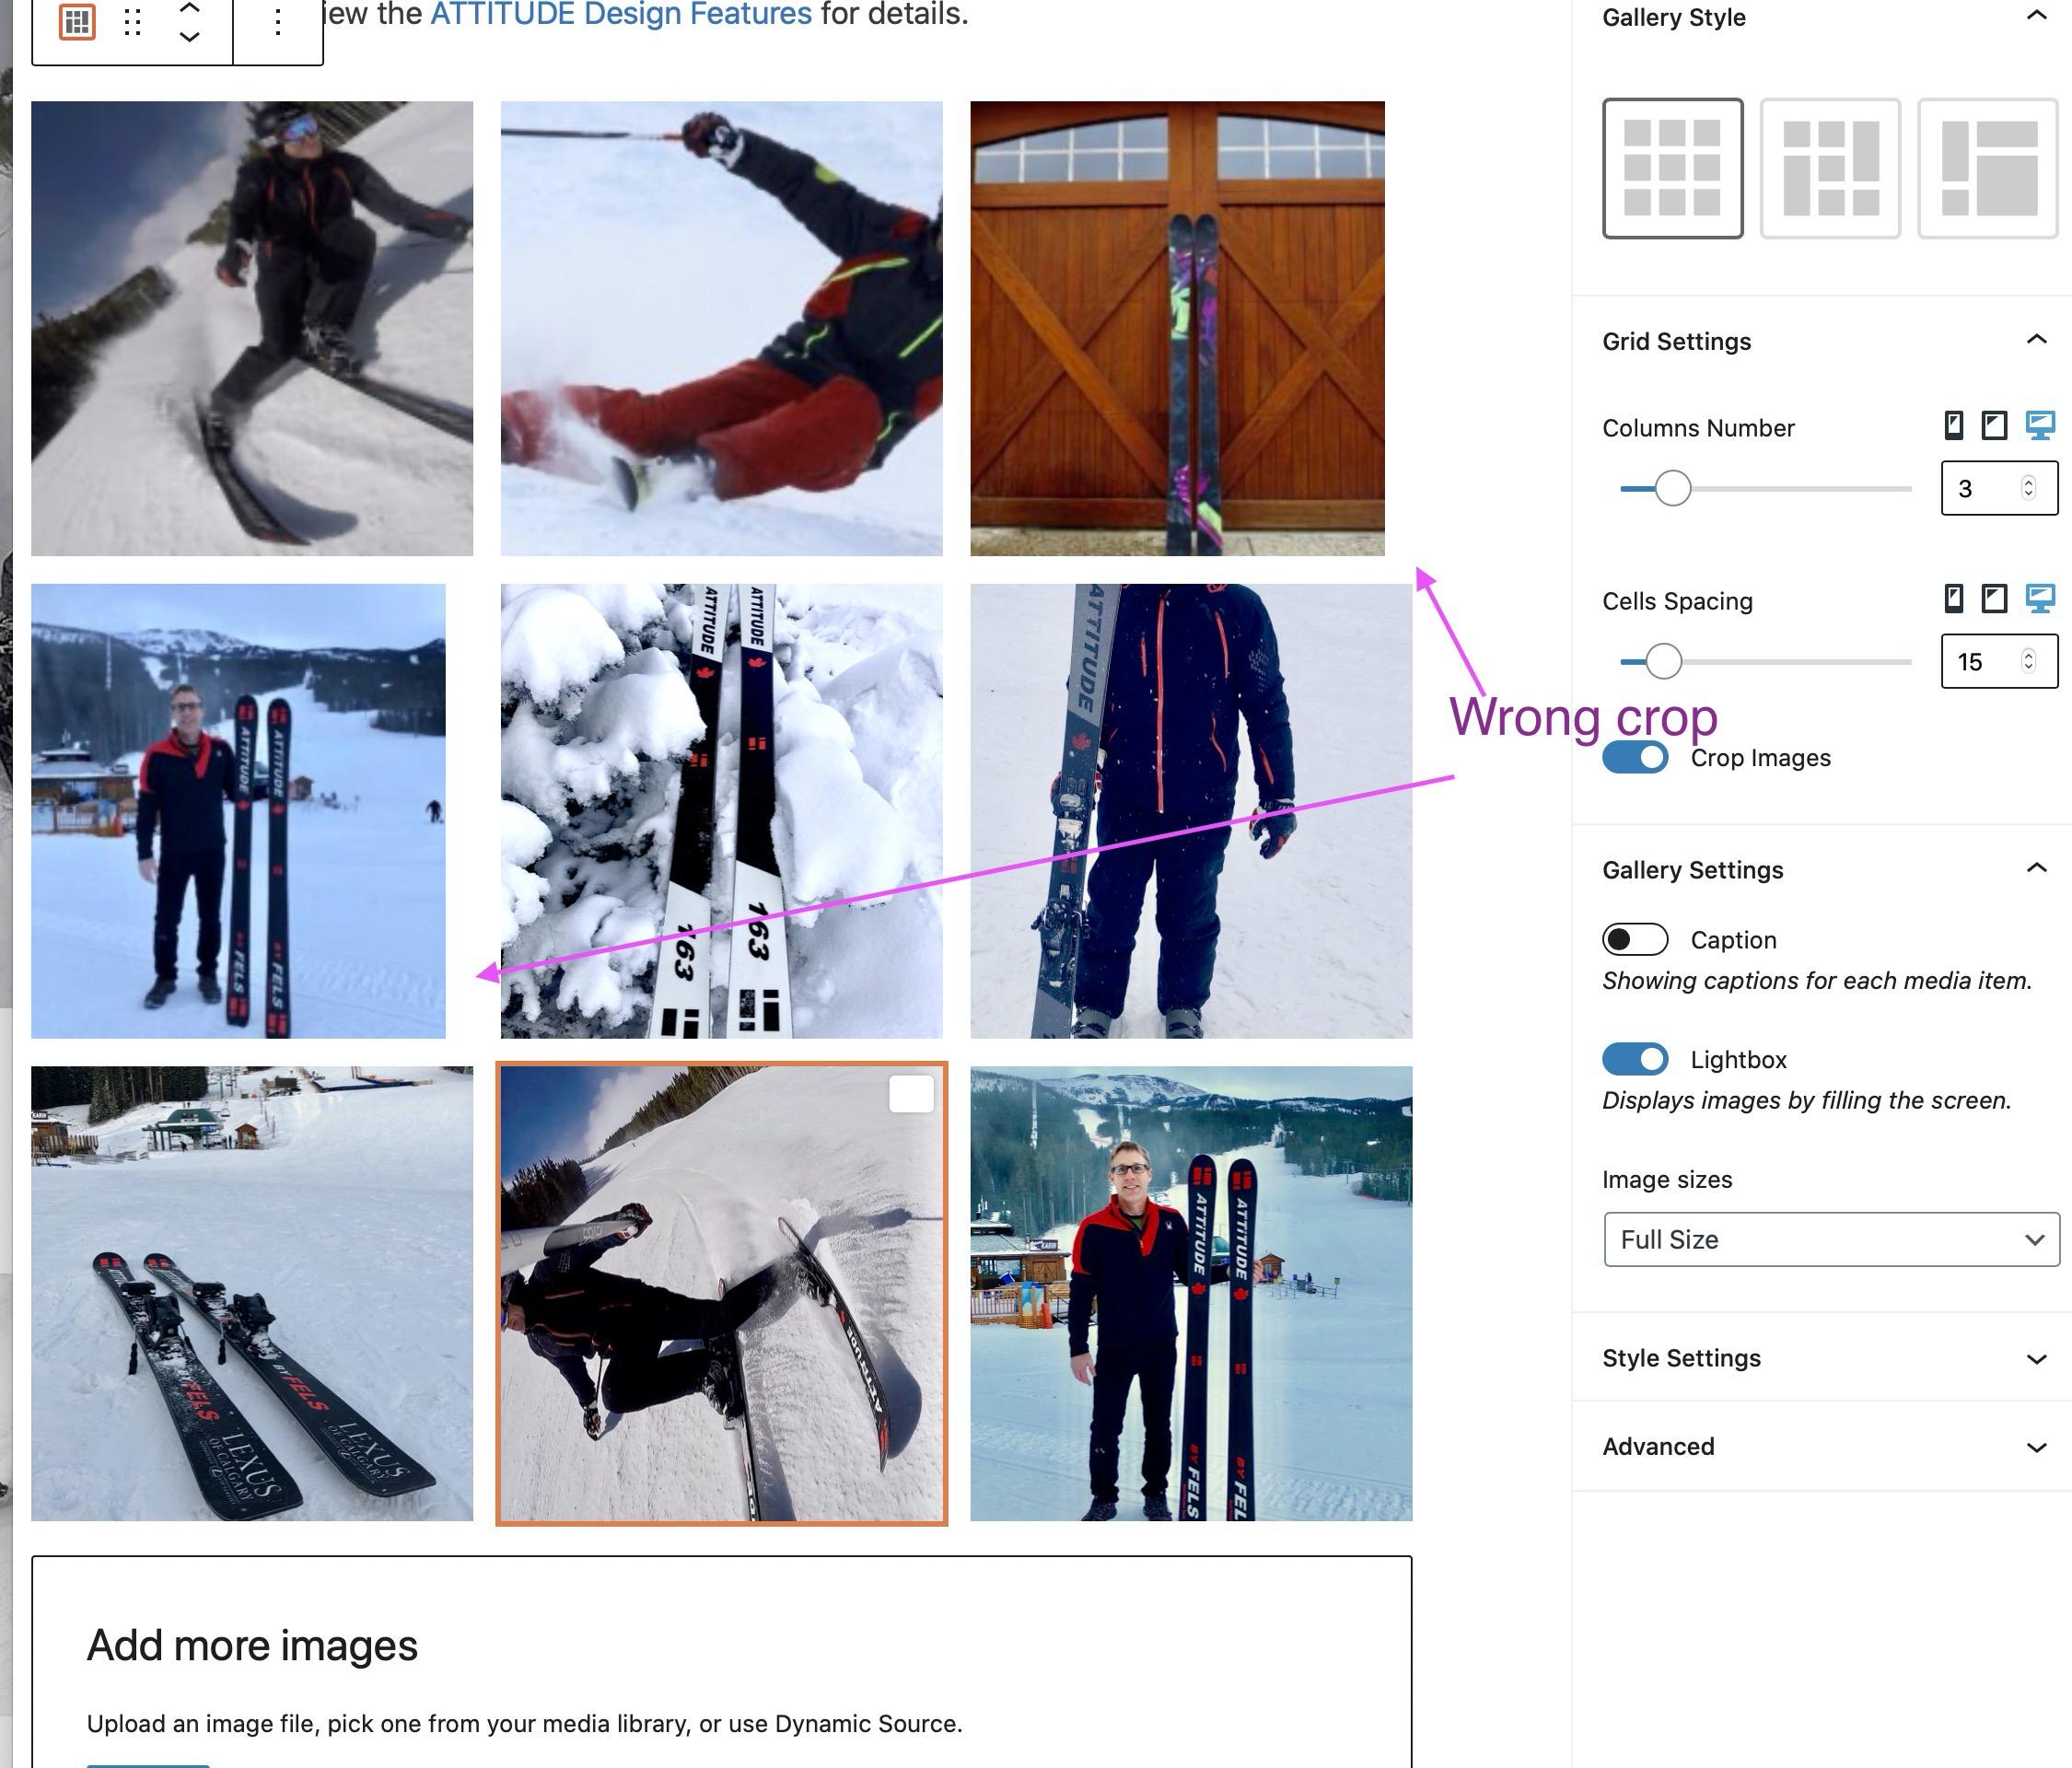 Gallery-Grid-cropped-wrong1.jpg